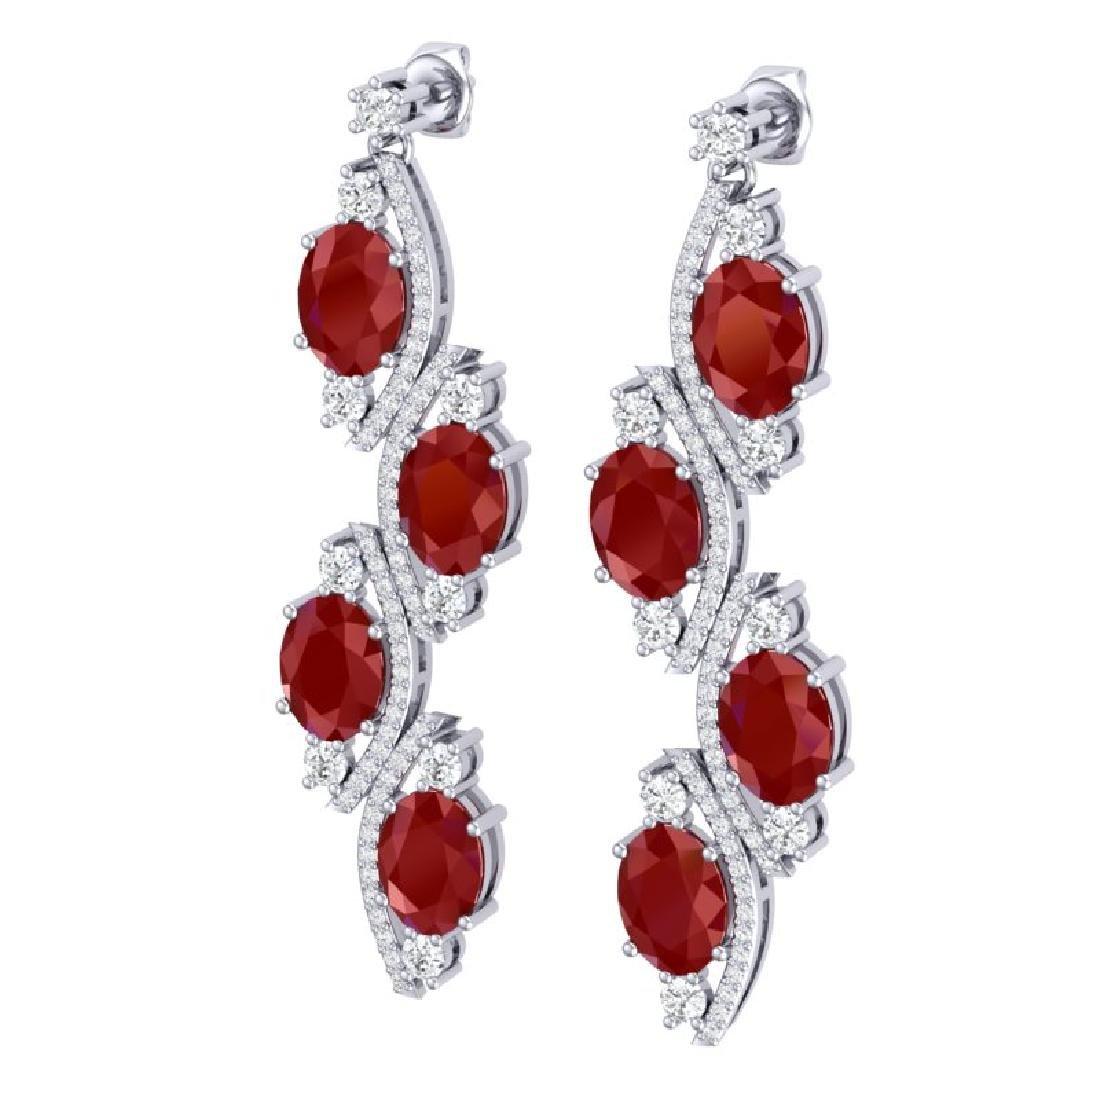 16.12 CTW Royalty Designer Ruby & VS Diamond Earrings